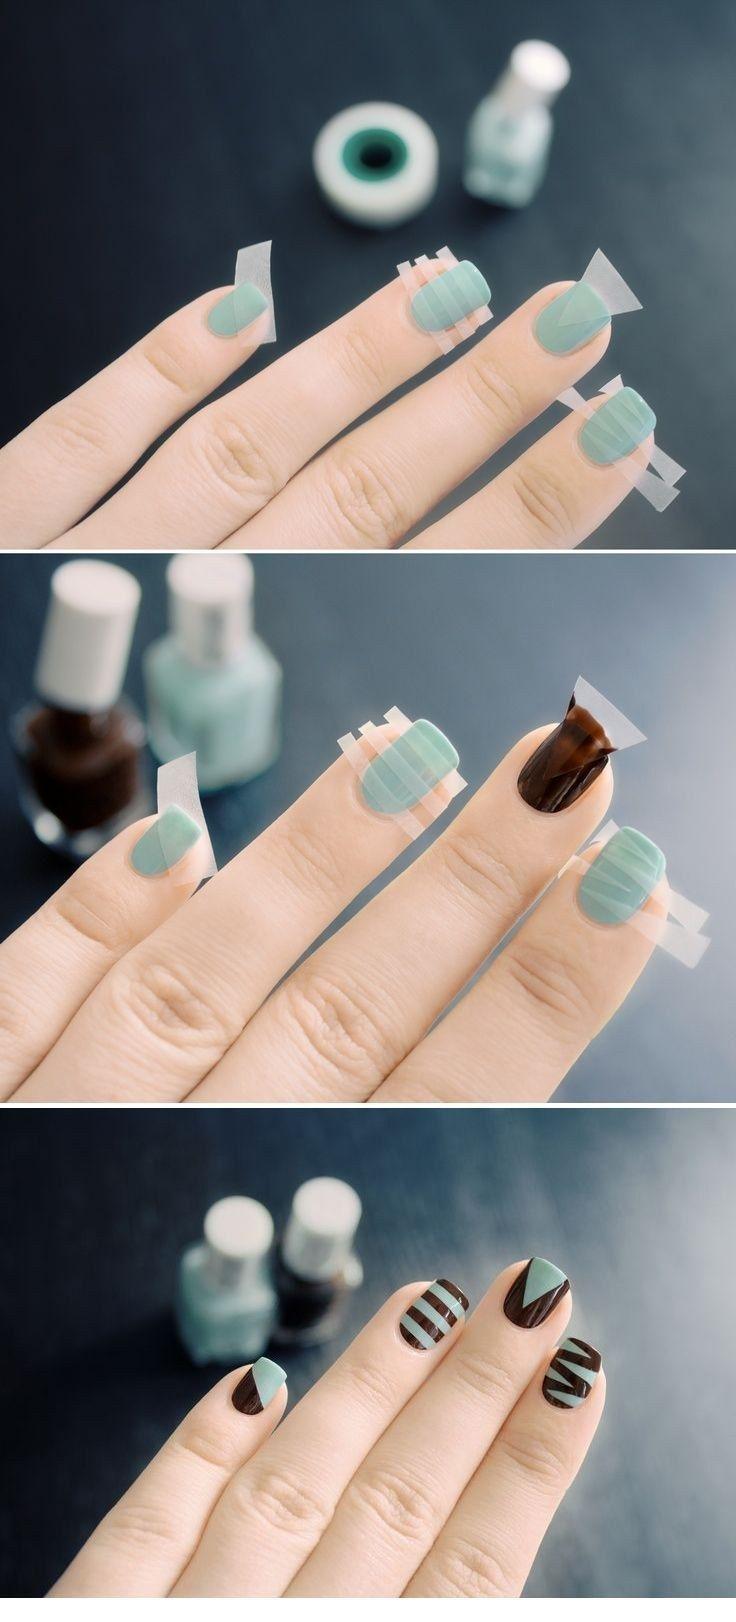 14 Diseños de uña perfectos para principiantes | Beauty nails ...